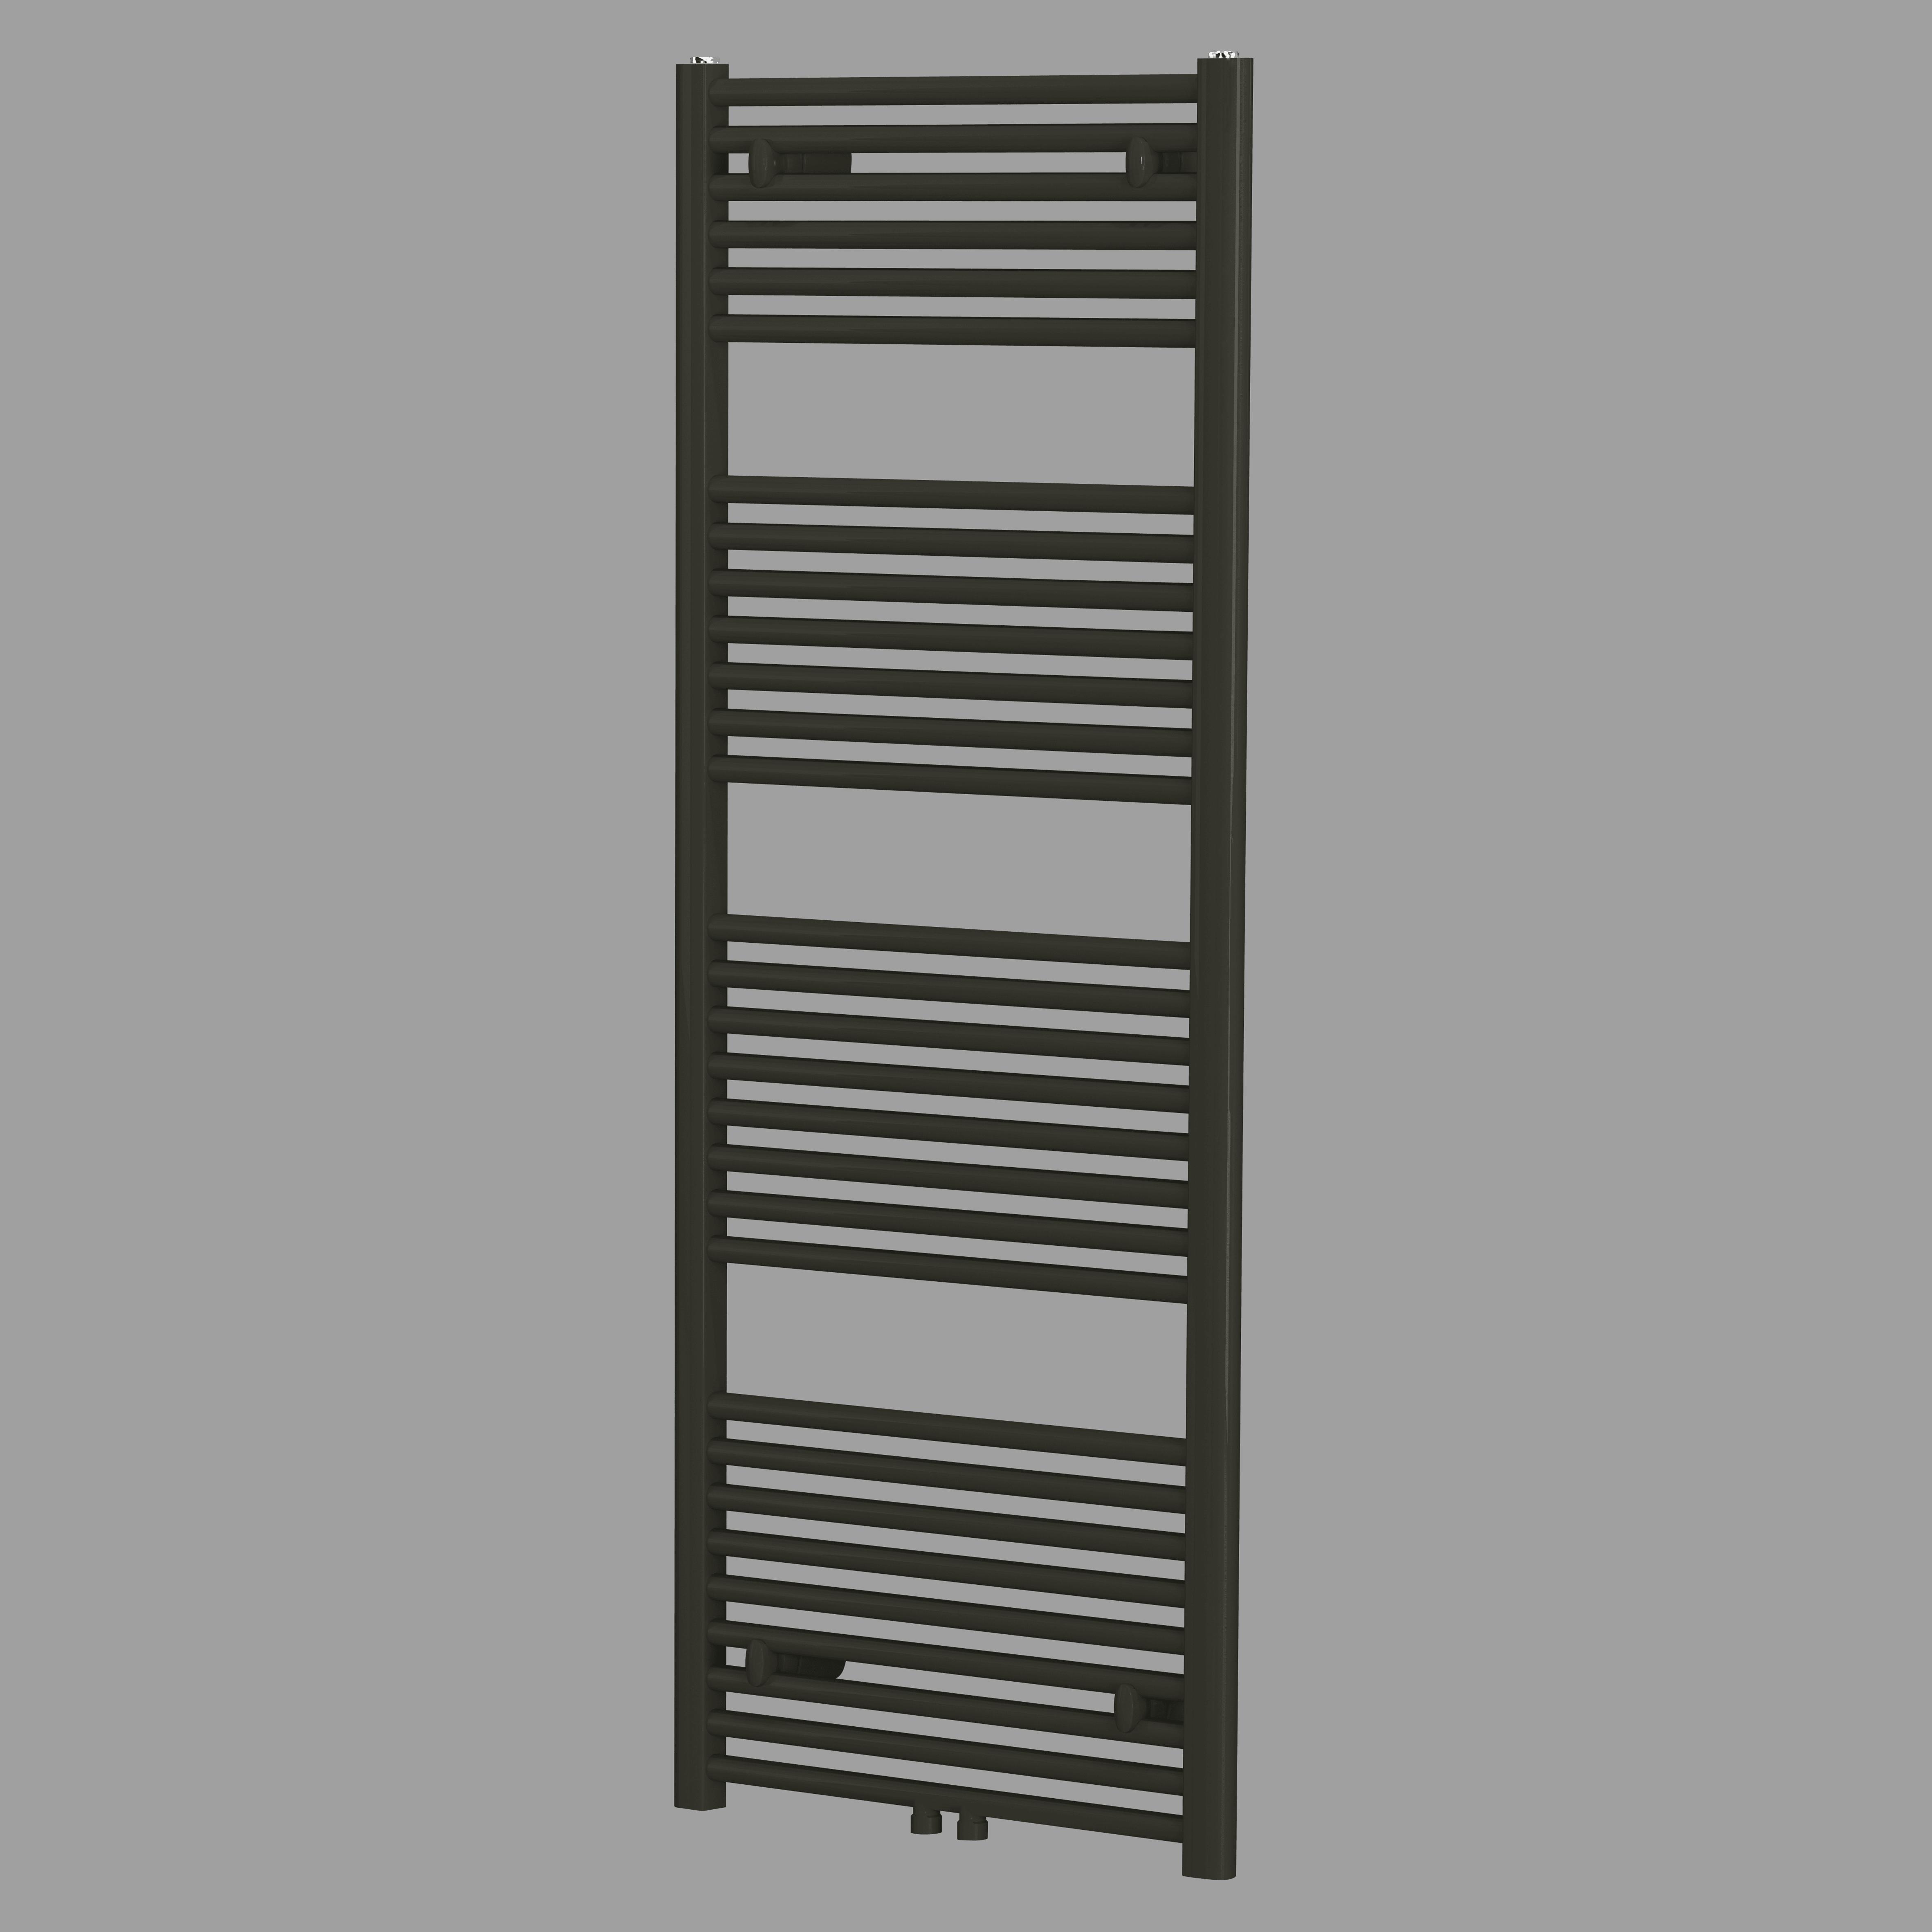 Blinq Altare R handdoekdesignradiator 140 x 60 cm (H X L) mat zwart